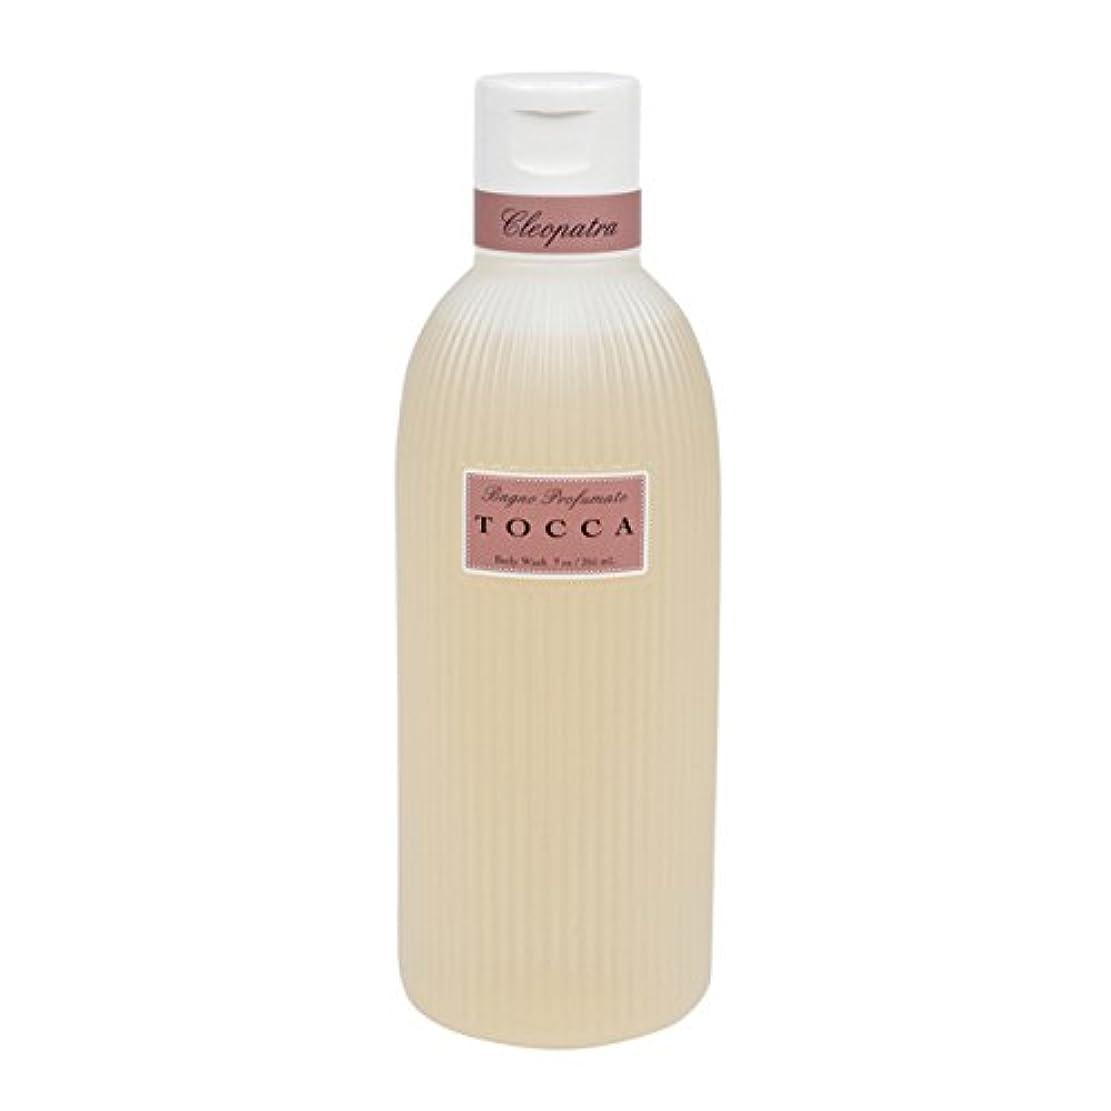 トッカ(TOCCA) ボディーケアウォッシュ クレオパトラの香り 266ml(全身用洗浄料 ボディーソープ グレープフルーツとキューカンバーのフレッシュでクリーンな香り)